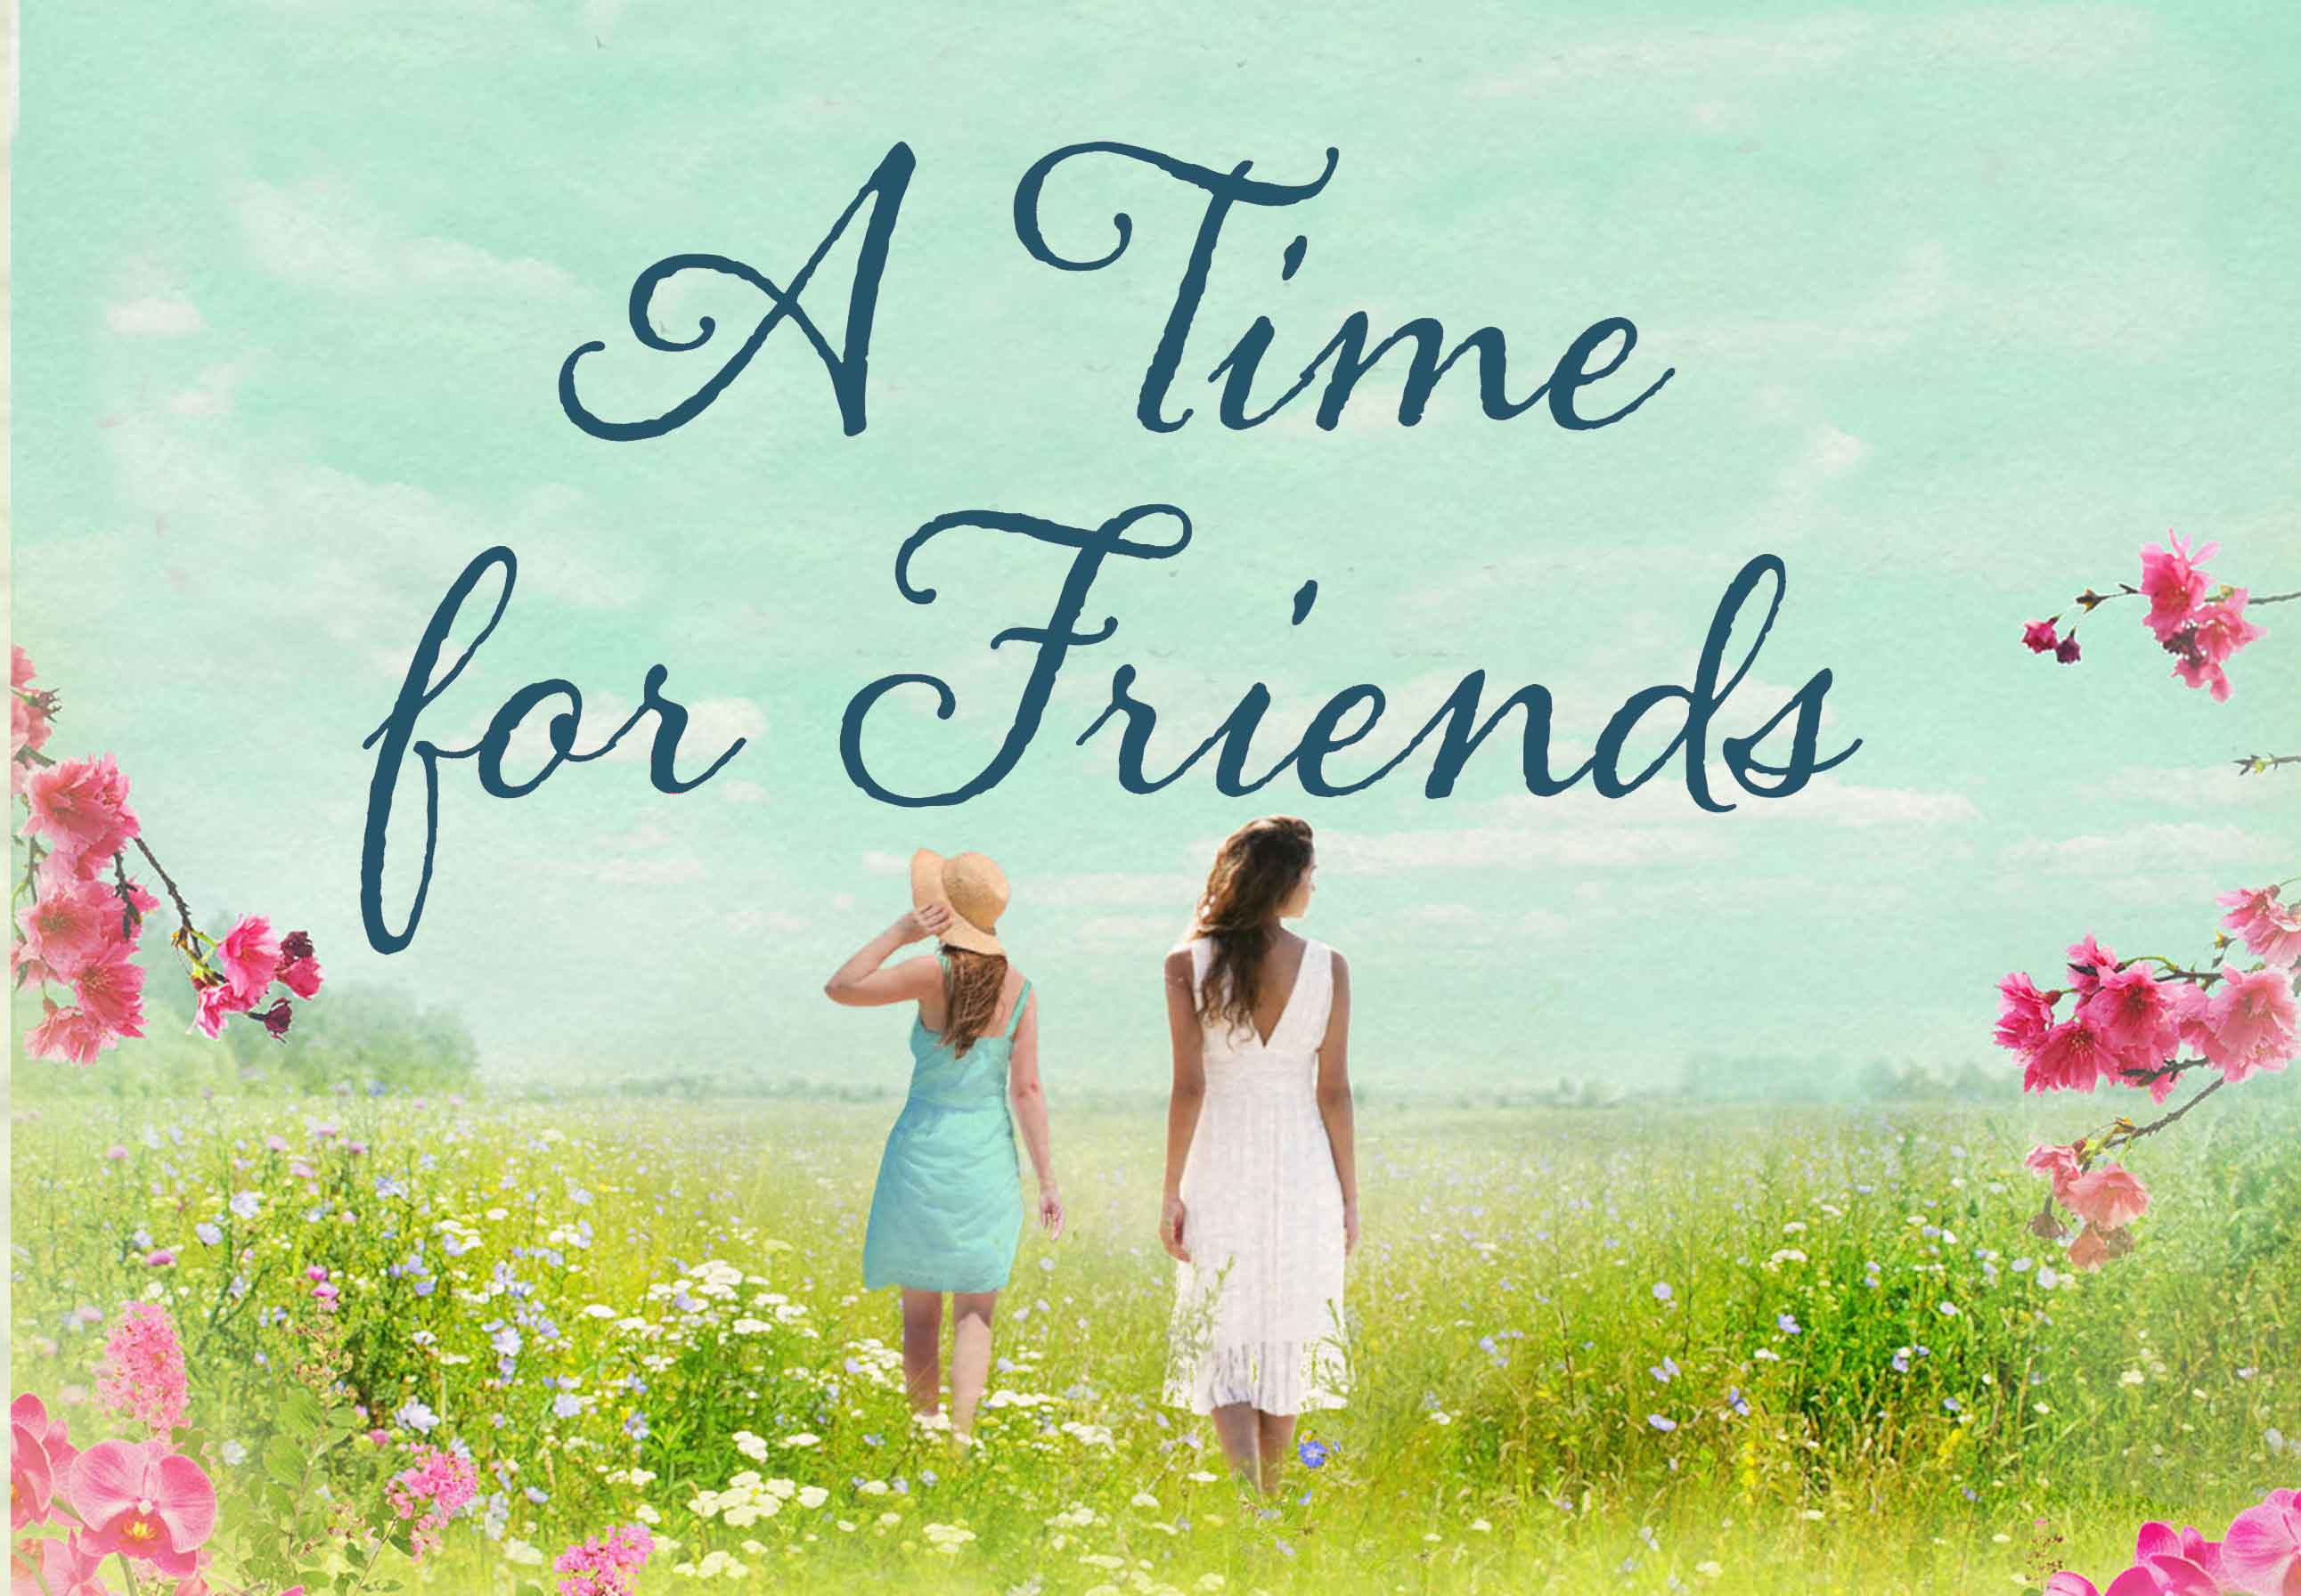 صورة حكم عن الصداقة الحقيقية , كلمات جميلة عن الصديق الحقيقي